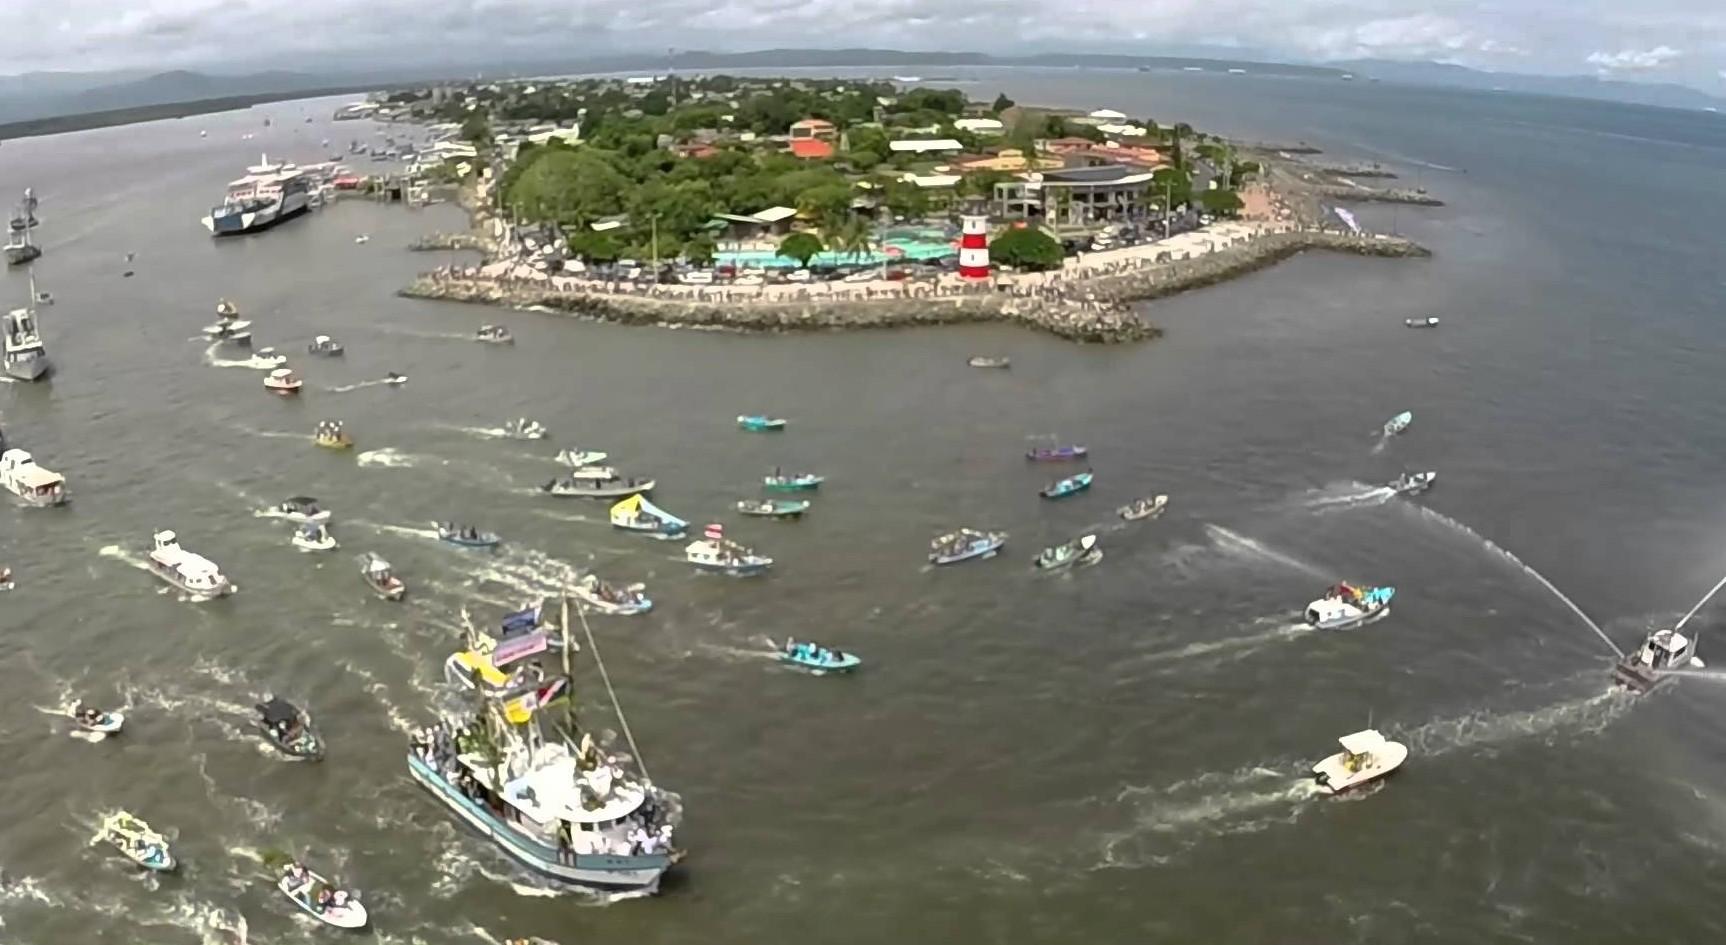 María Salva a Pescadores en un Naufragio: Virgen del Mar de Puntarenas, Costa Rica (16 de julio)